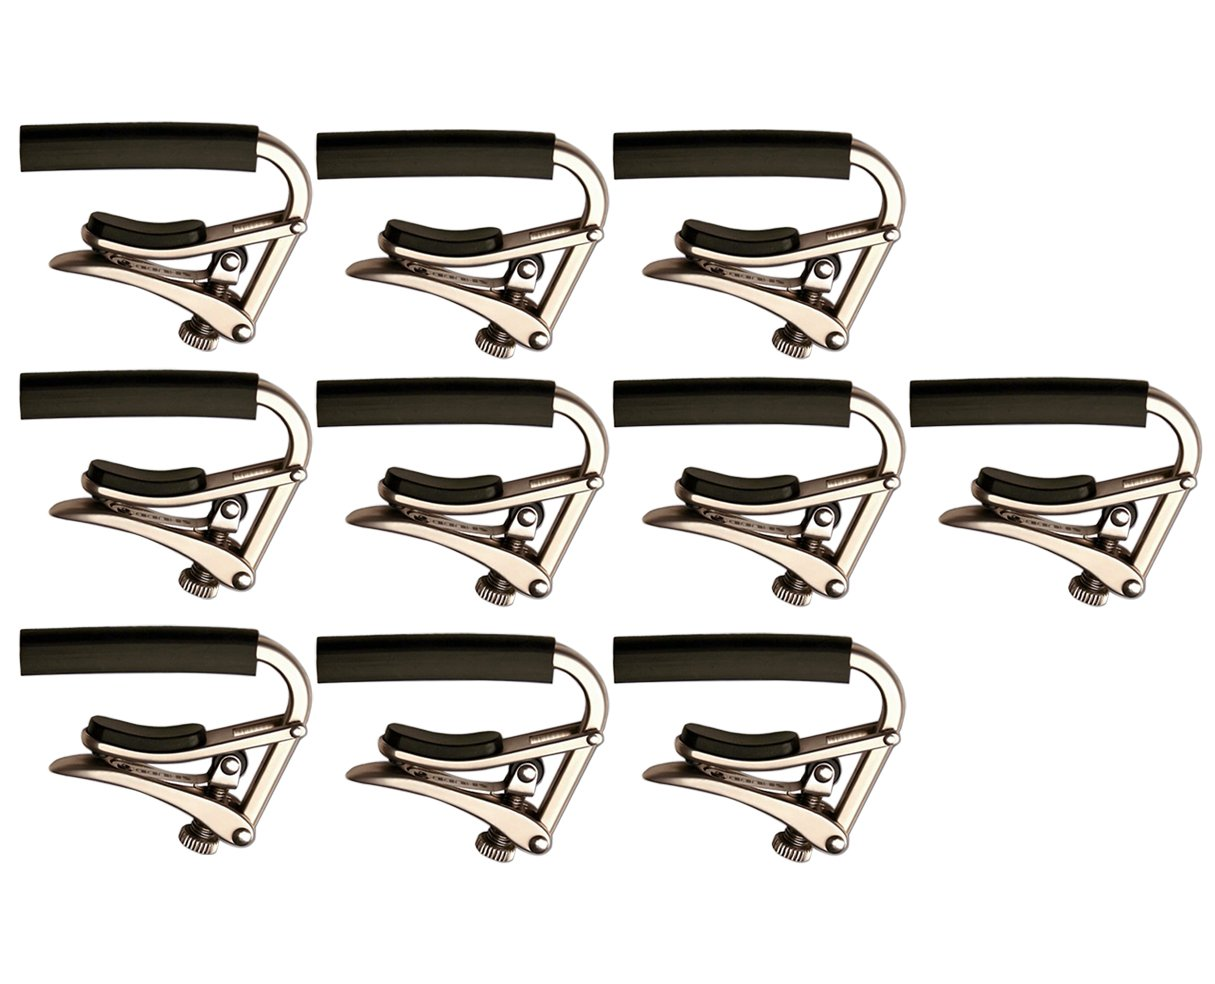 Shubb C1N Brushed Nickel Capo Steel String Guitar Capo 10-Pack